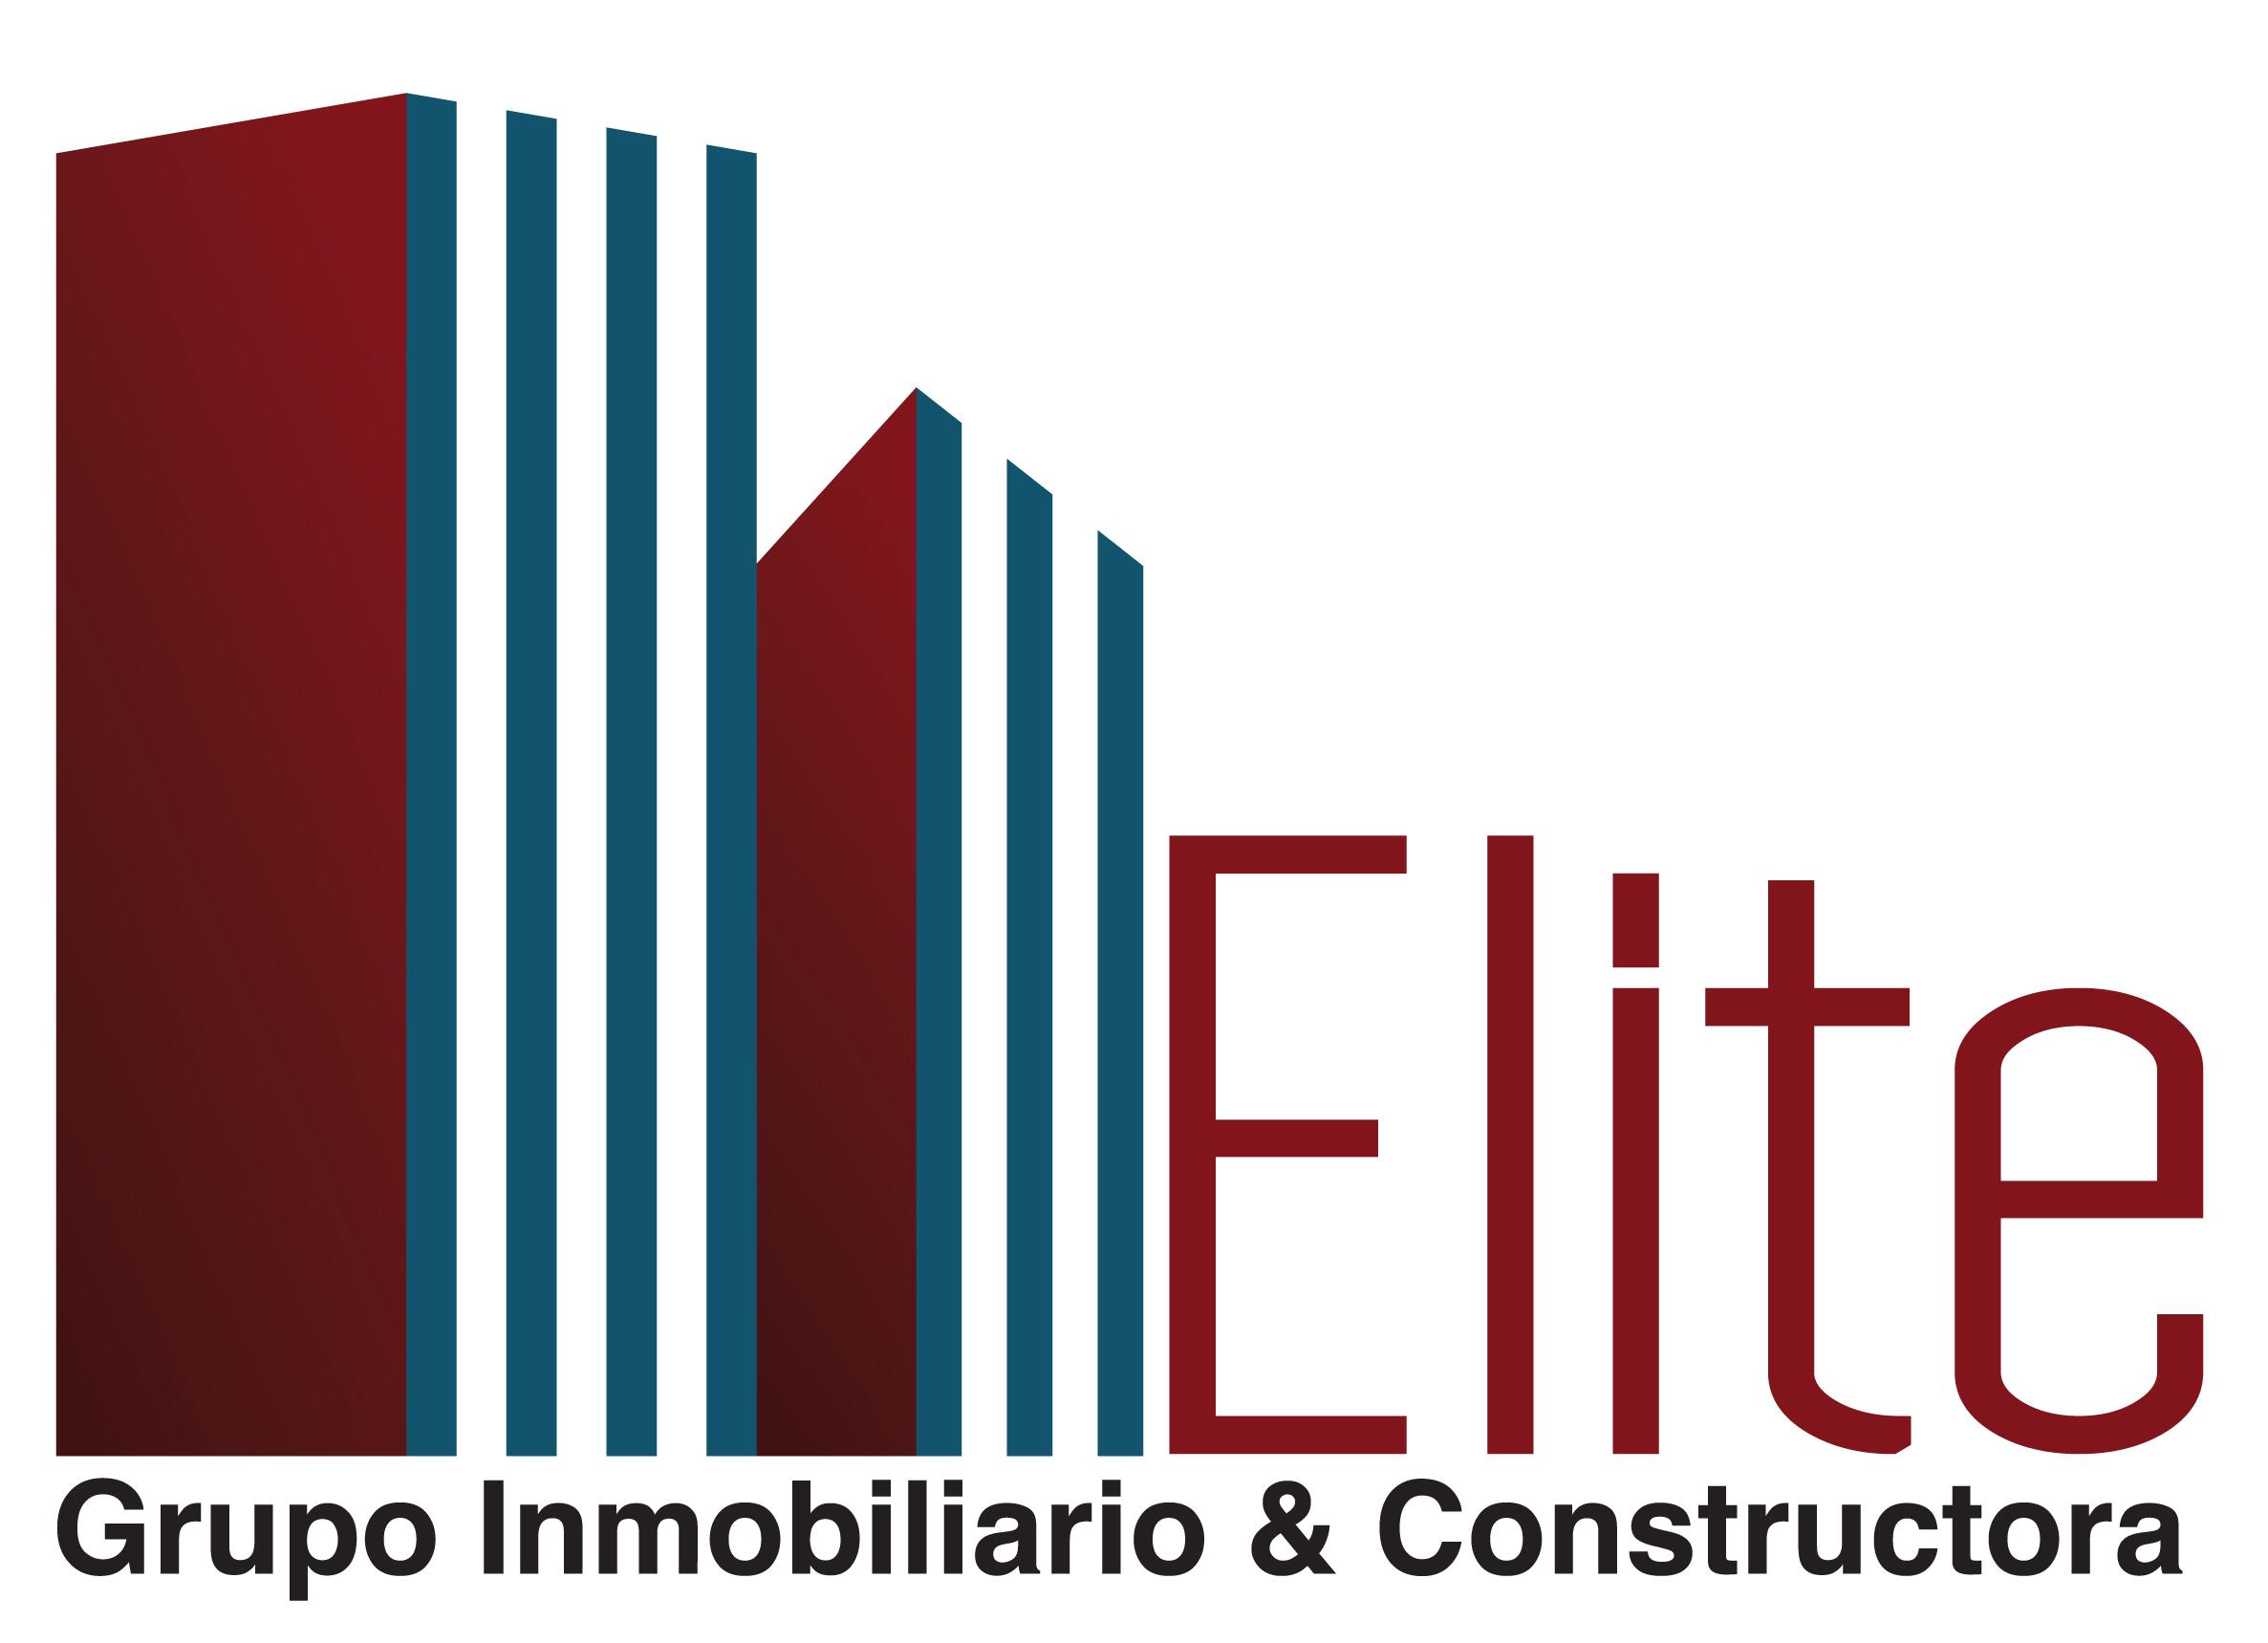 elite_grupo_inmobiliario.jpg